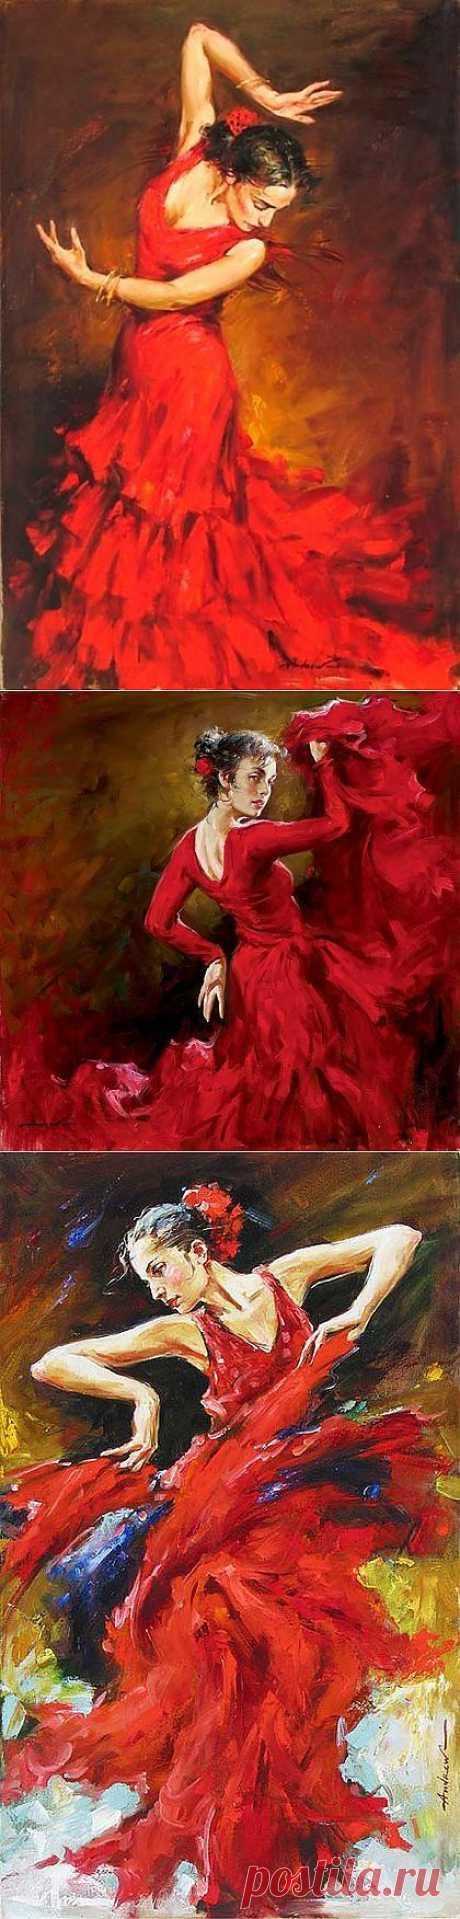 Жгучий танец, полный огня, в картинах художника Андрея Атрошенко.